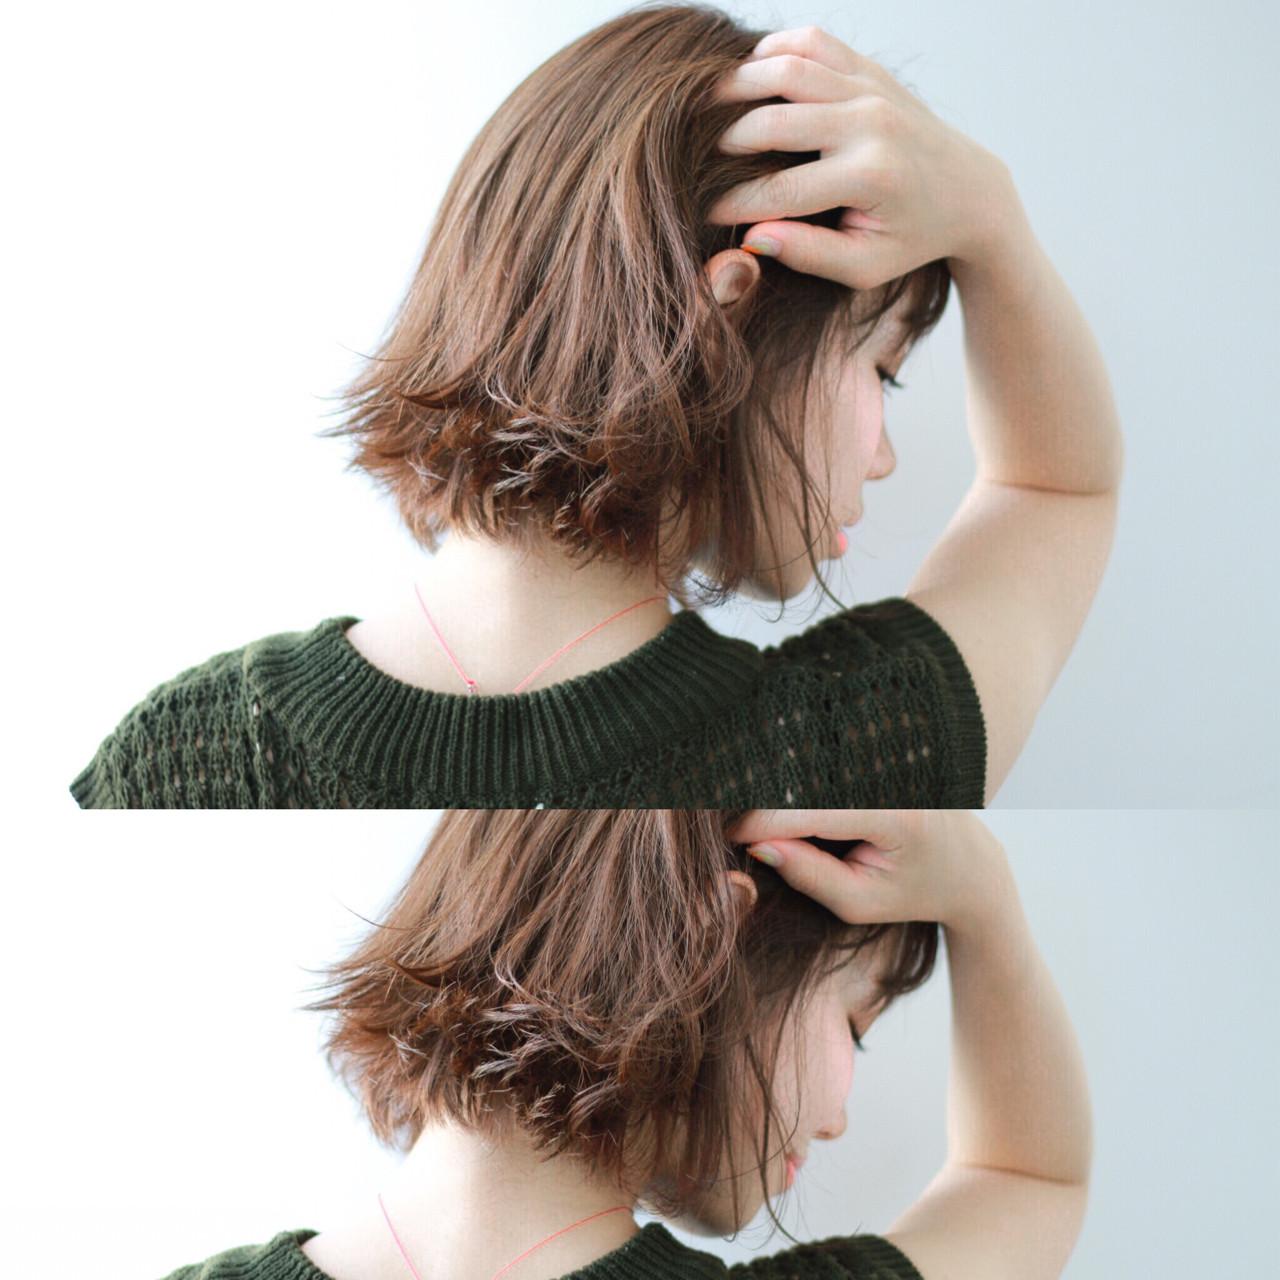 アースカラーを髪色にも。ヘアスタイルもナチュラル可愛く♡ 宮森貴志